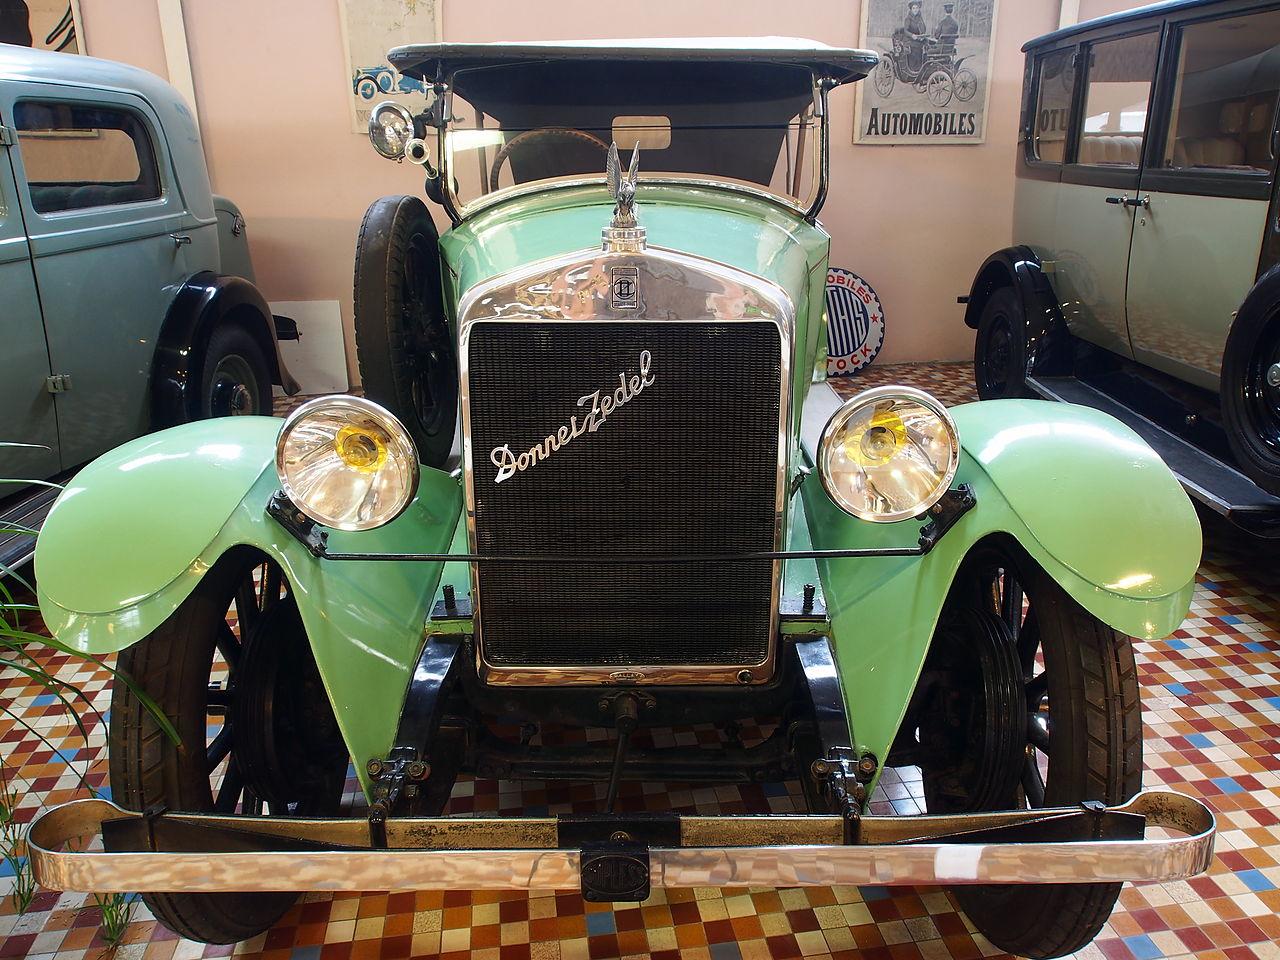 file 1925 donnet zedel c16 4 cyl 11cv tourer at the mus e automobile de vend e pic 6 jpg. Black Bedroom Furniture Sets. Home Design Ideas